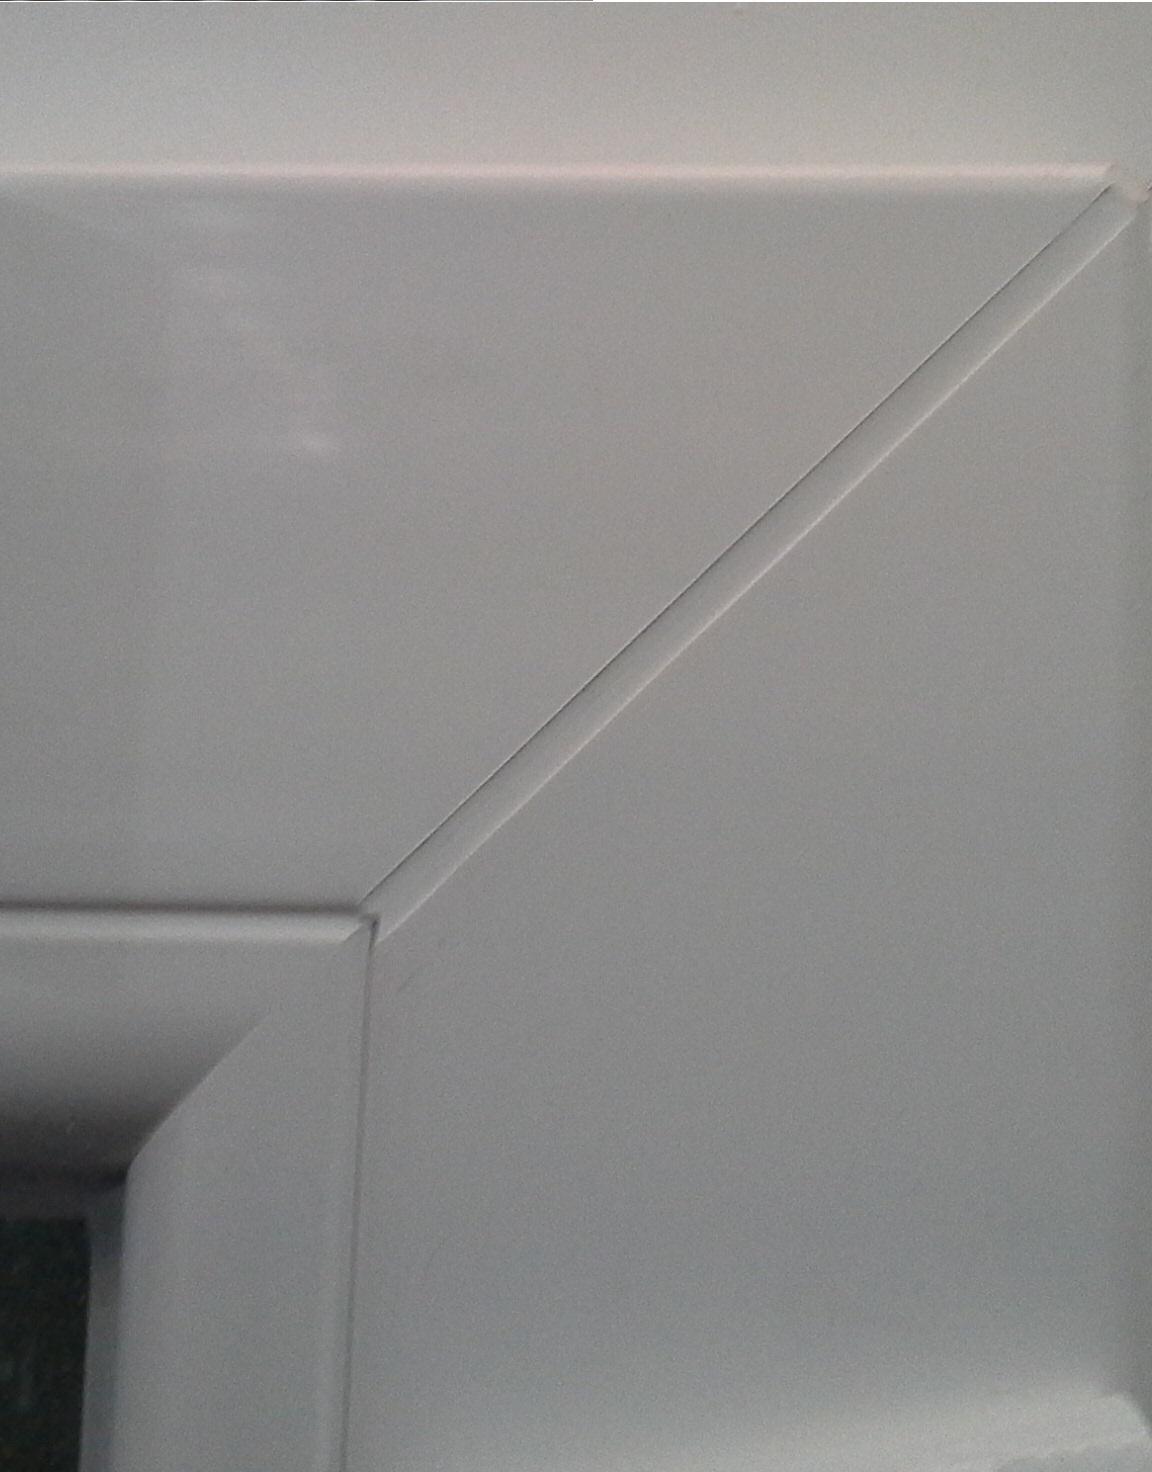 Caratteristiche delle finestre in pvc infissi genova for Finestre pvc genova